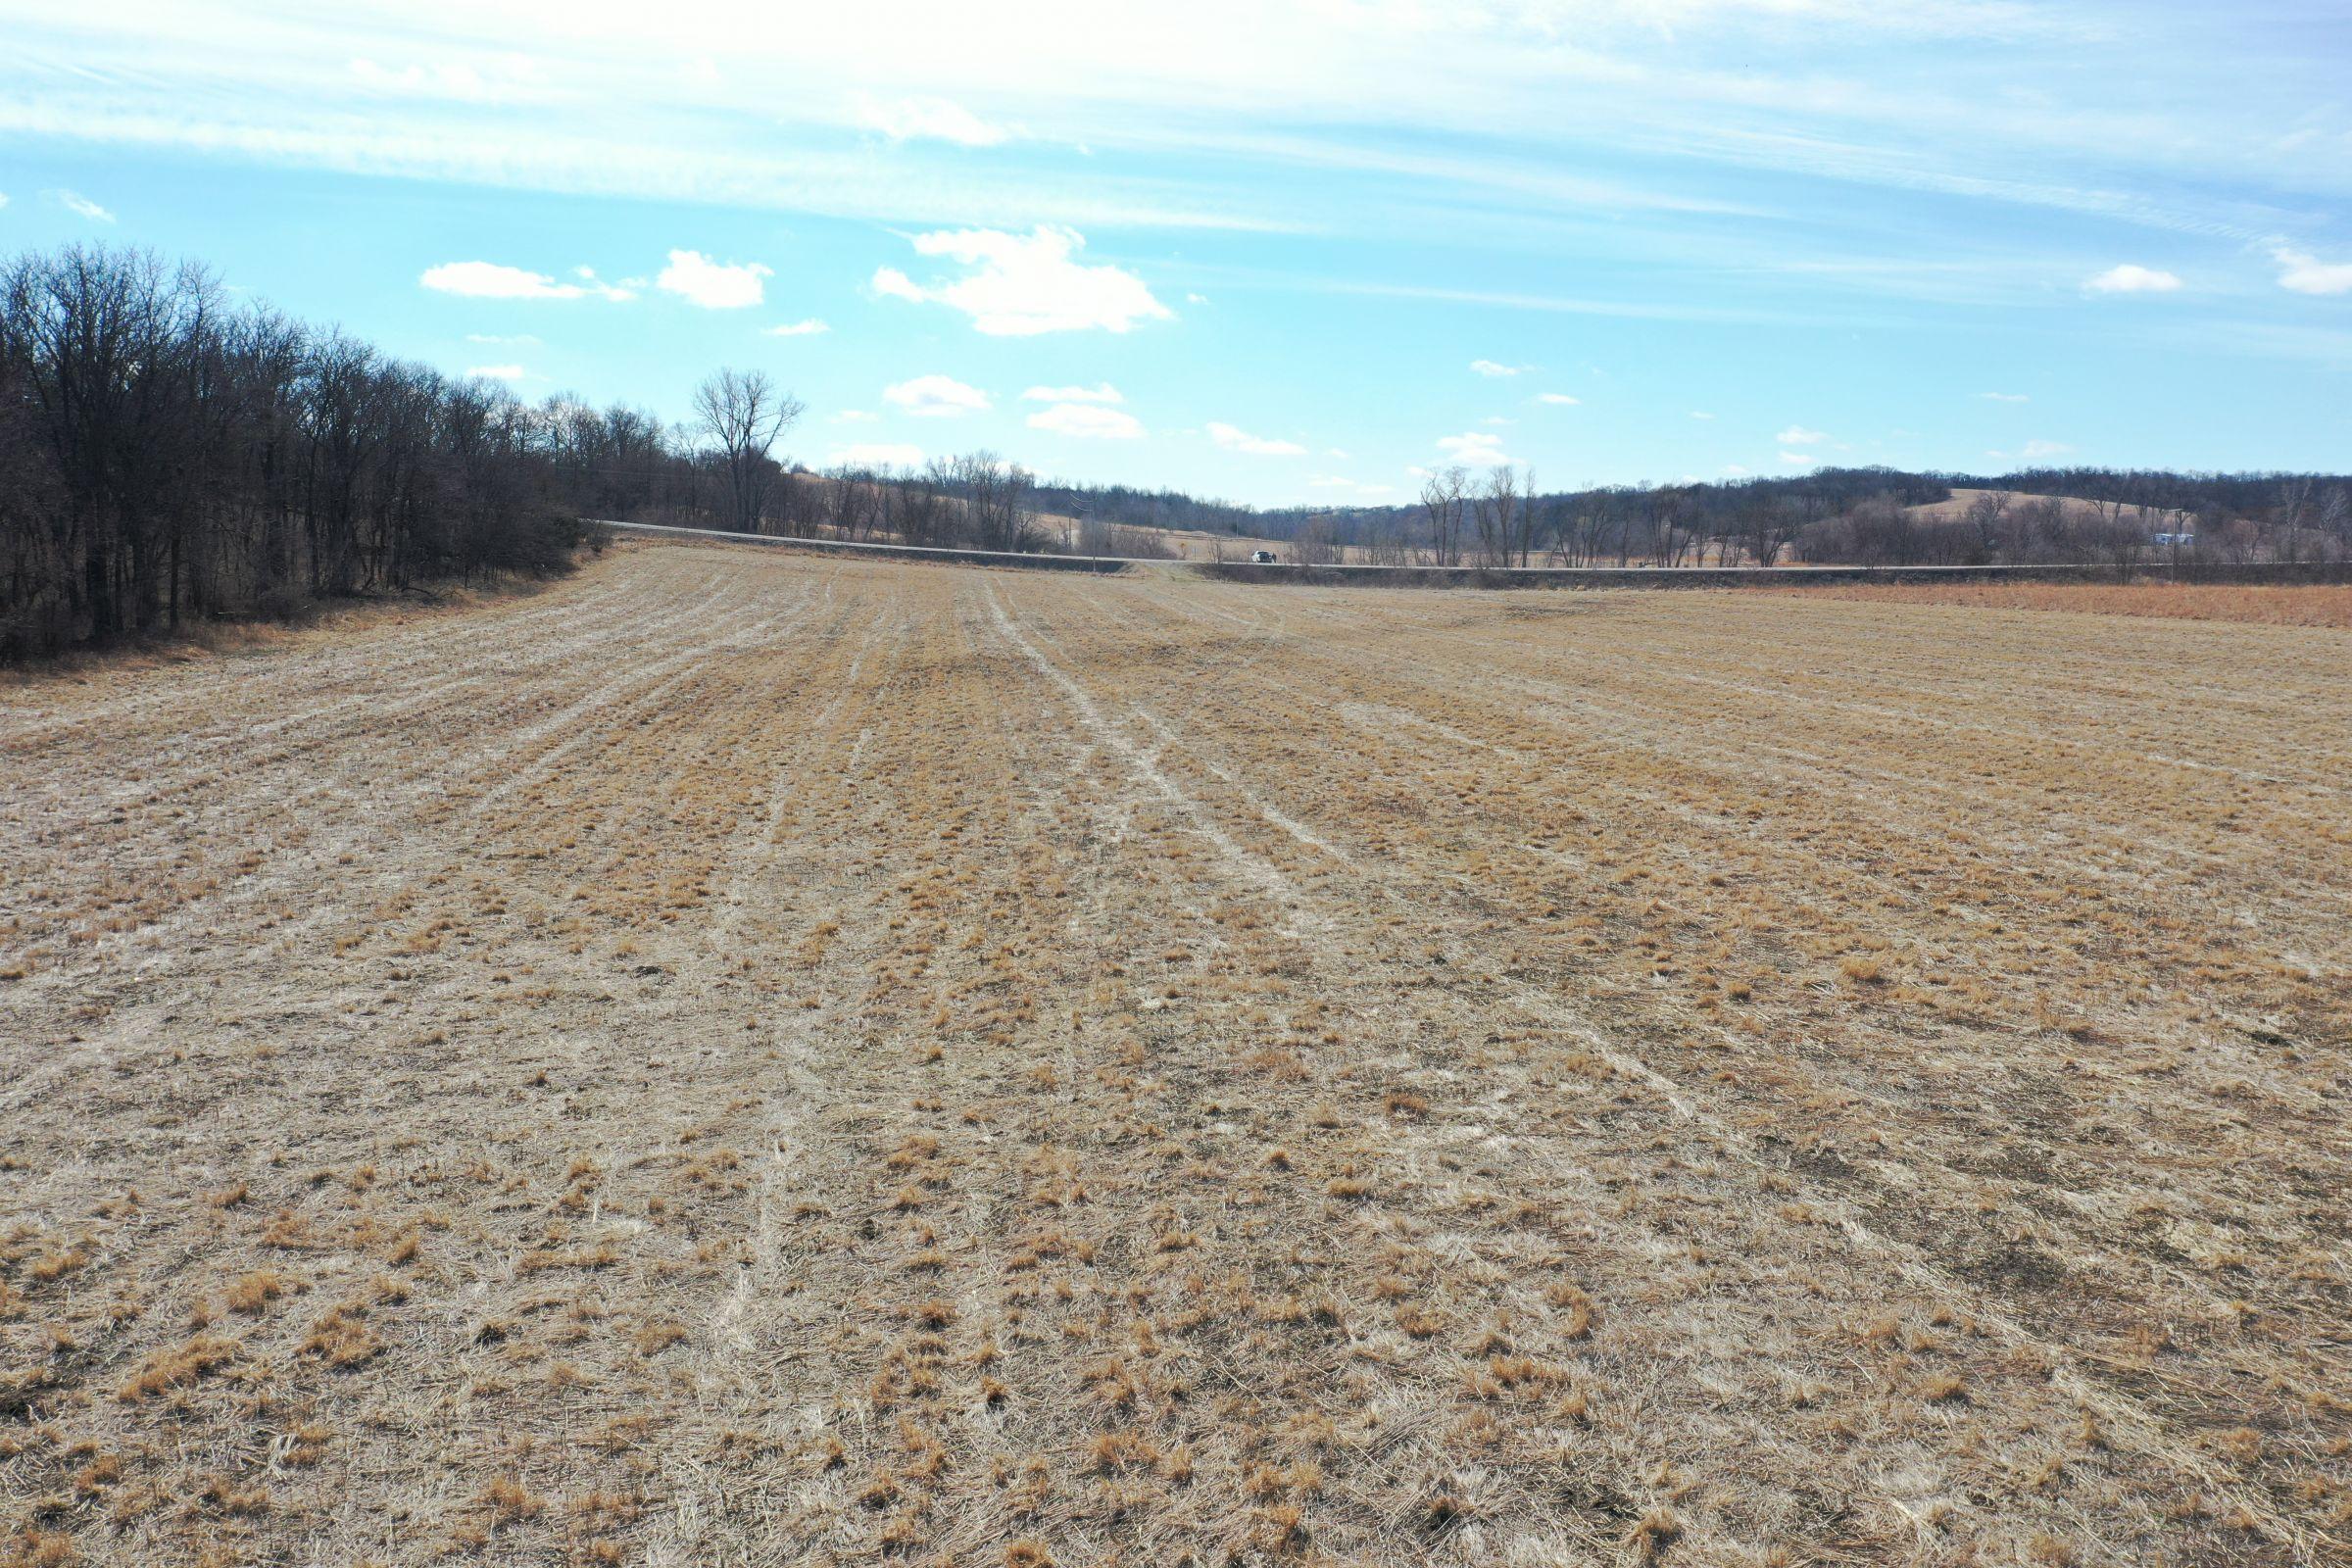 warren-county-iowa-0-acres-listing-number-15407-5-2021-03-11-230635.JPG